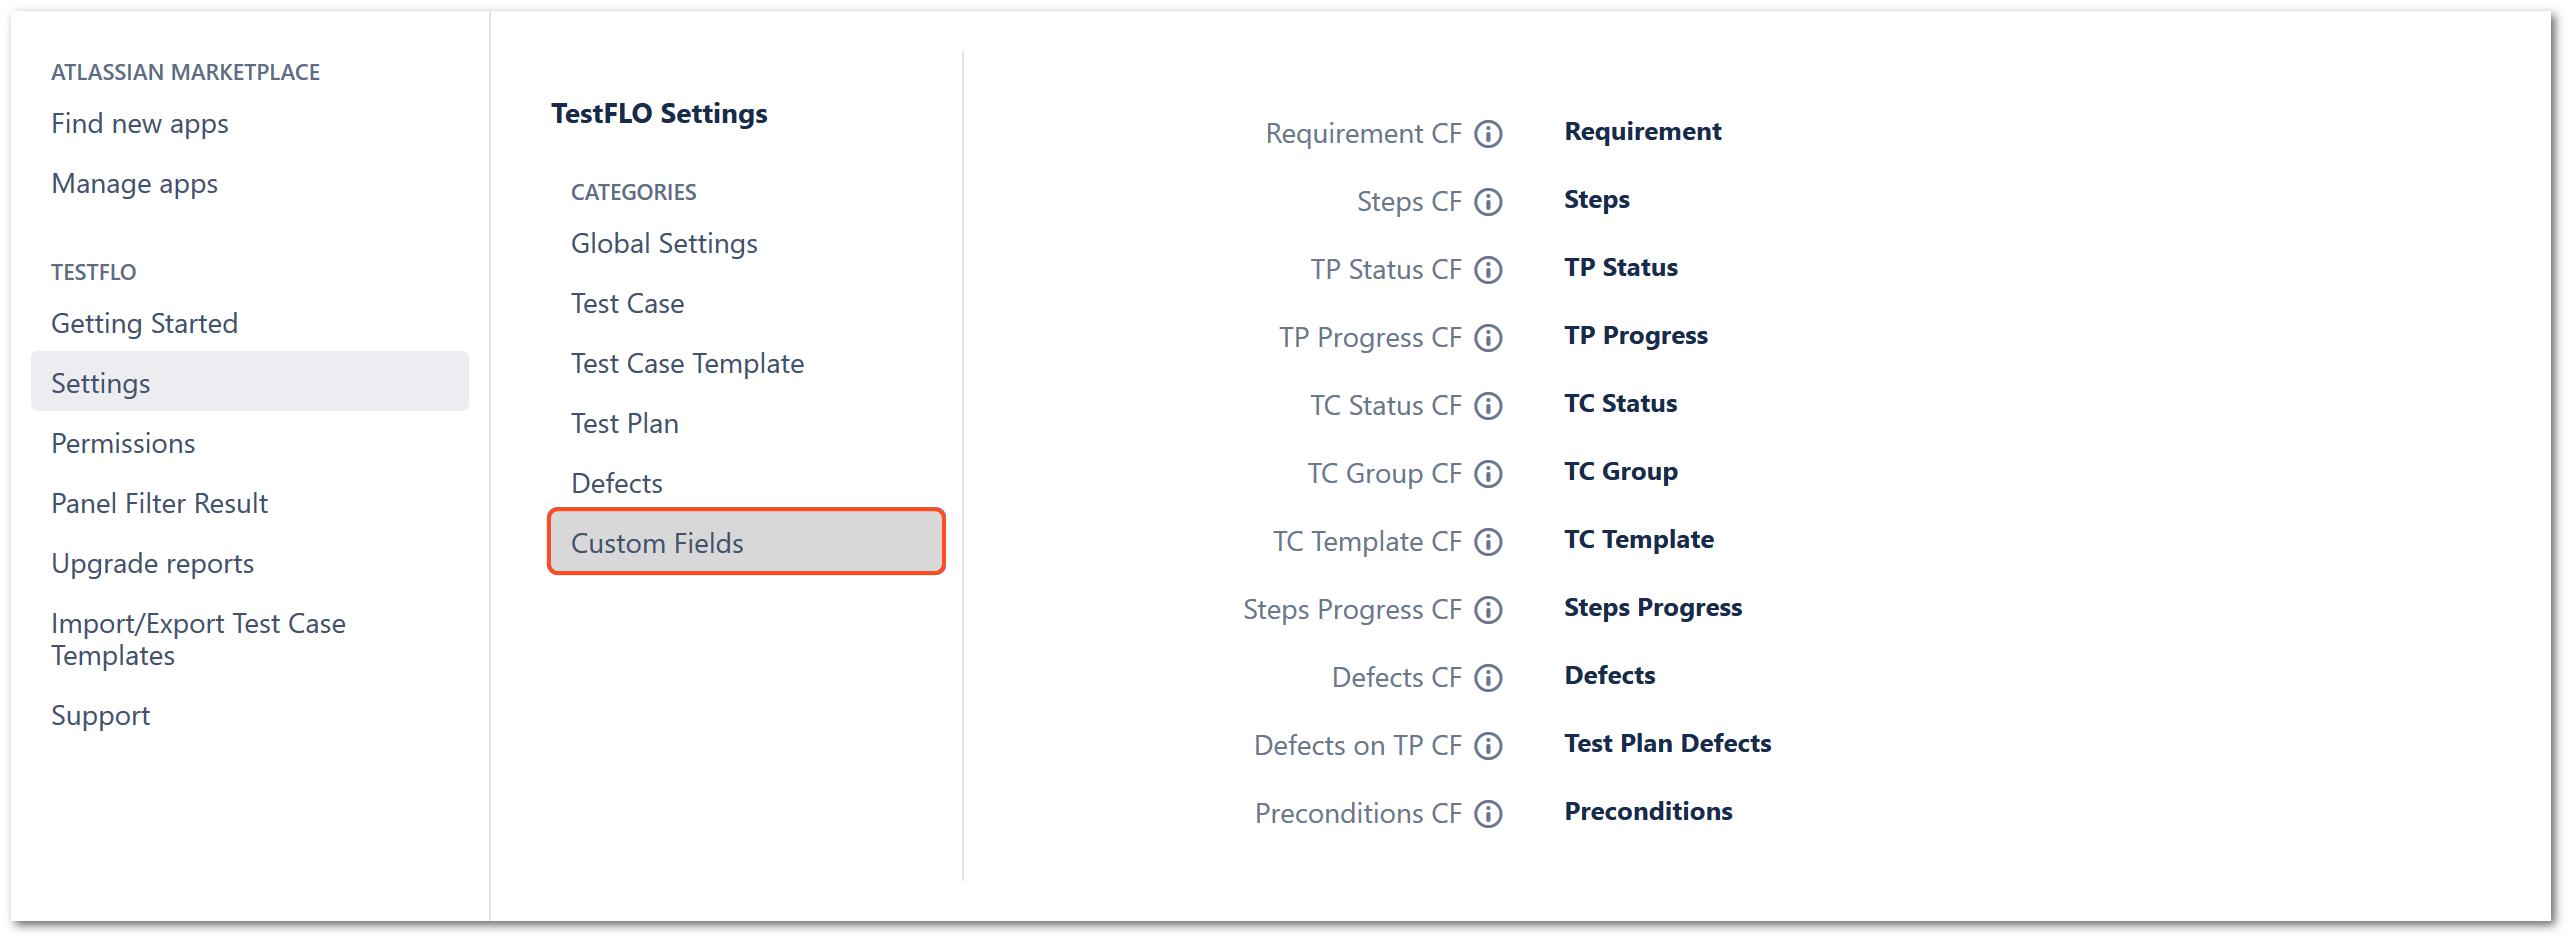 Custom Fields section in TestFLO settings